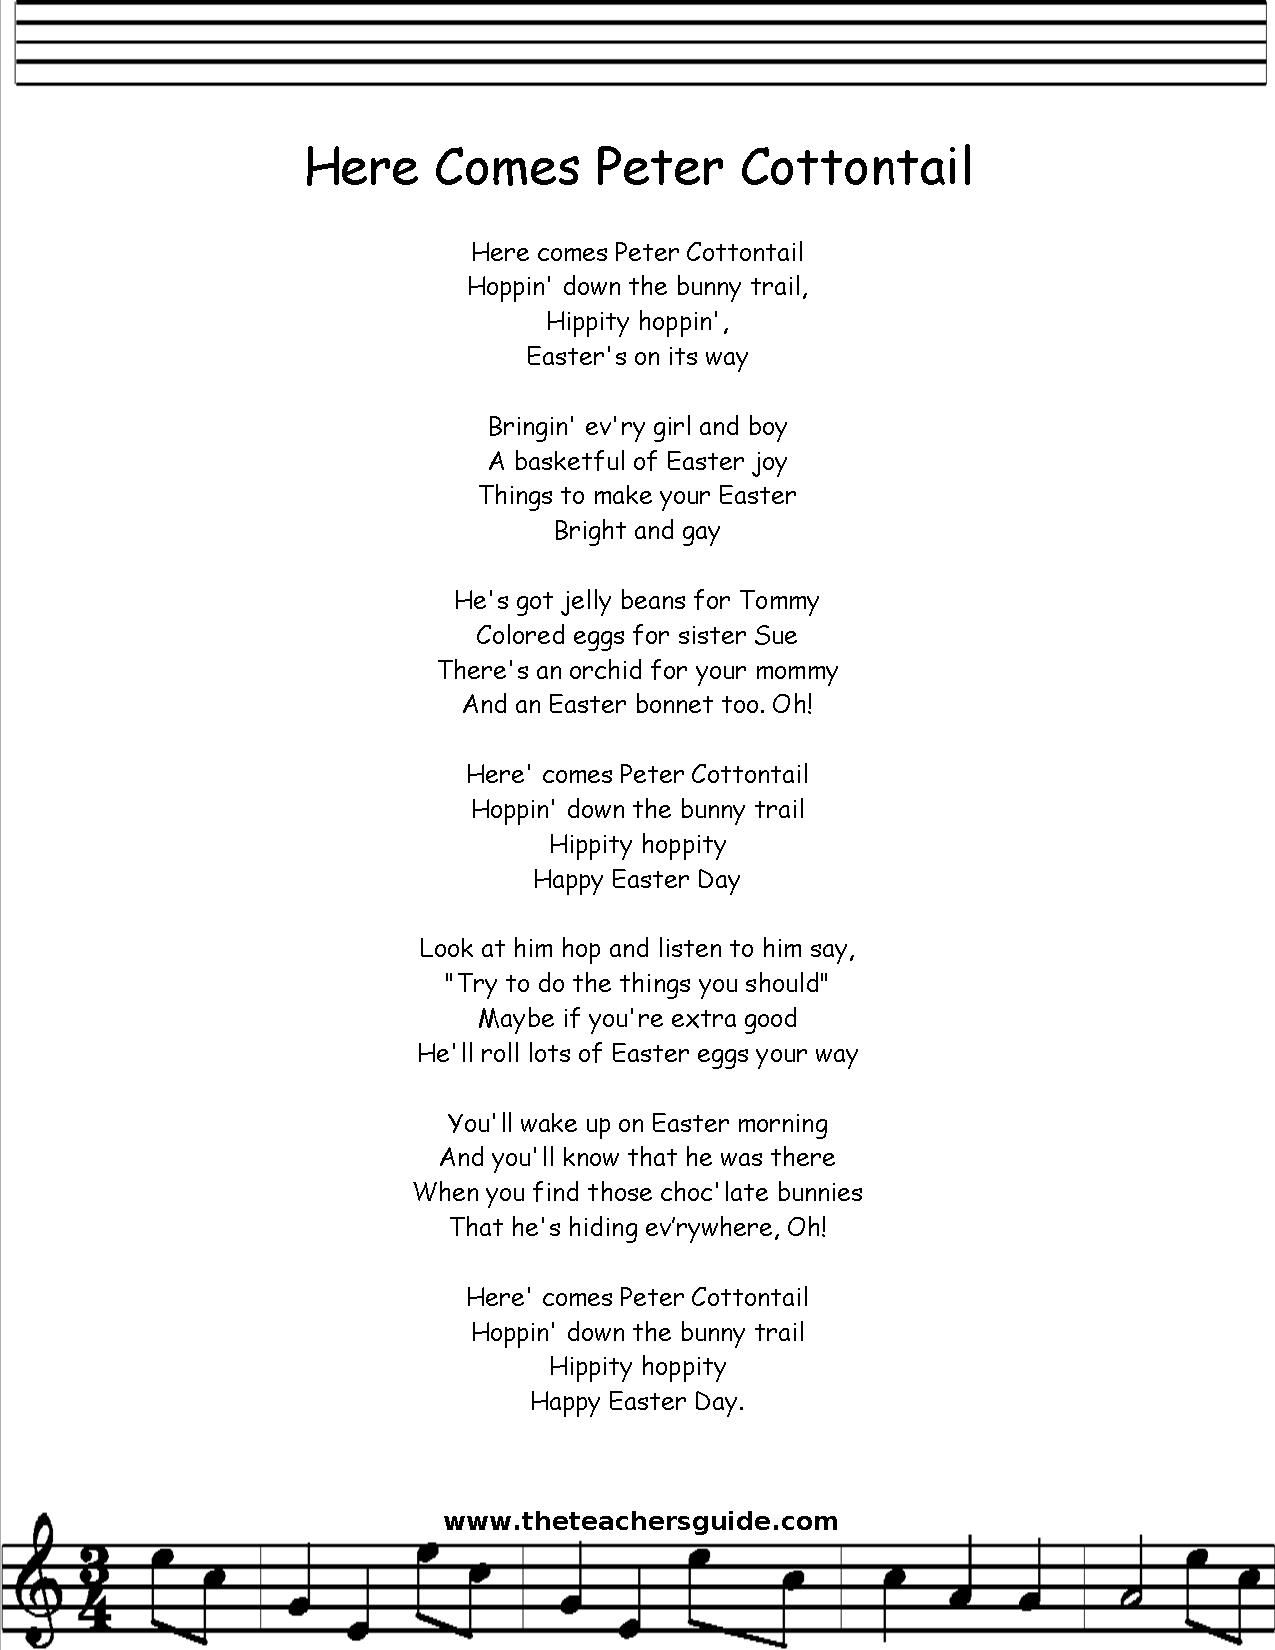 Peter Cottontail Lyrics Printout